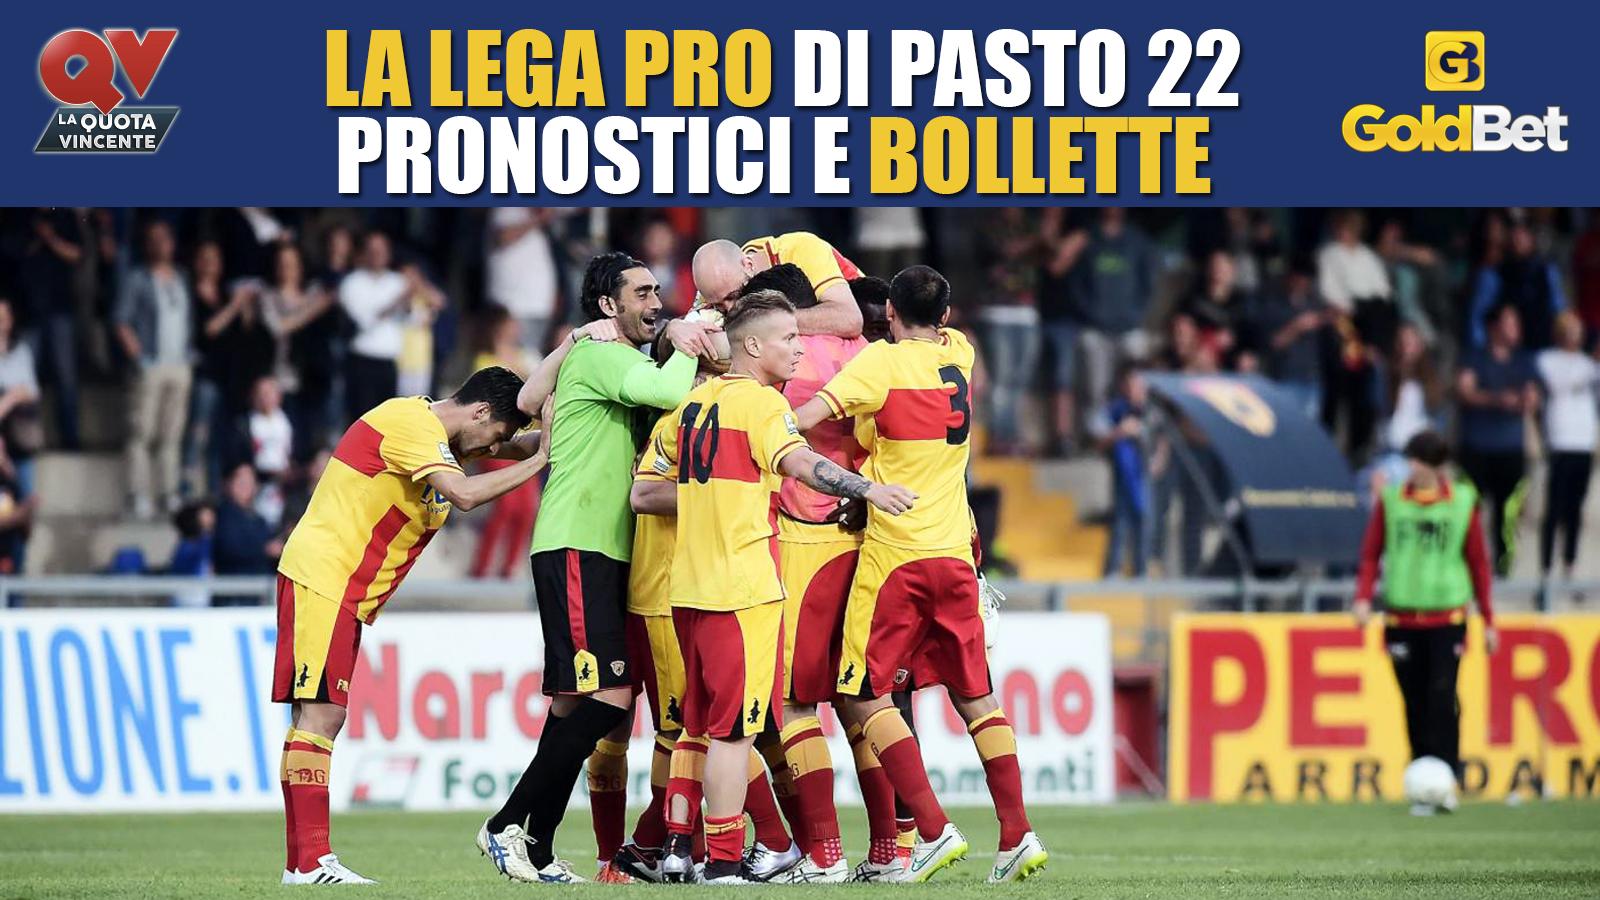 lega_pro_blog_qv_pasto_22_benevento_esultanza_news_scommesse_bollette_calcio